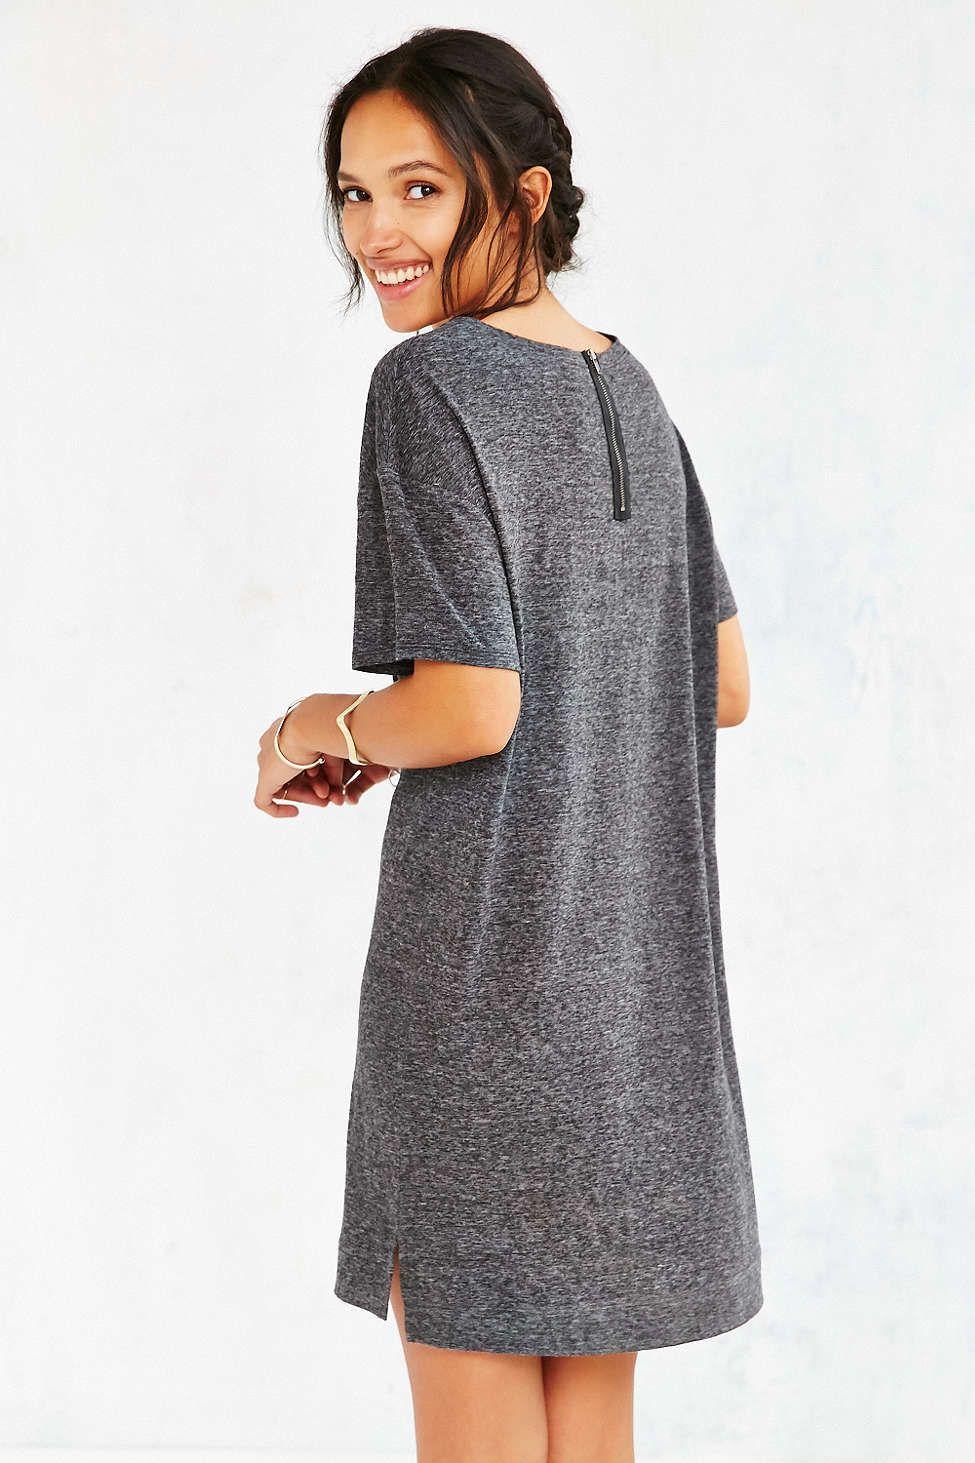 Bdg Estelle Boyfriend T Shirt Dress Look Book Pinterest